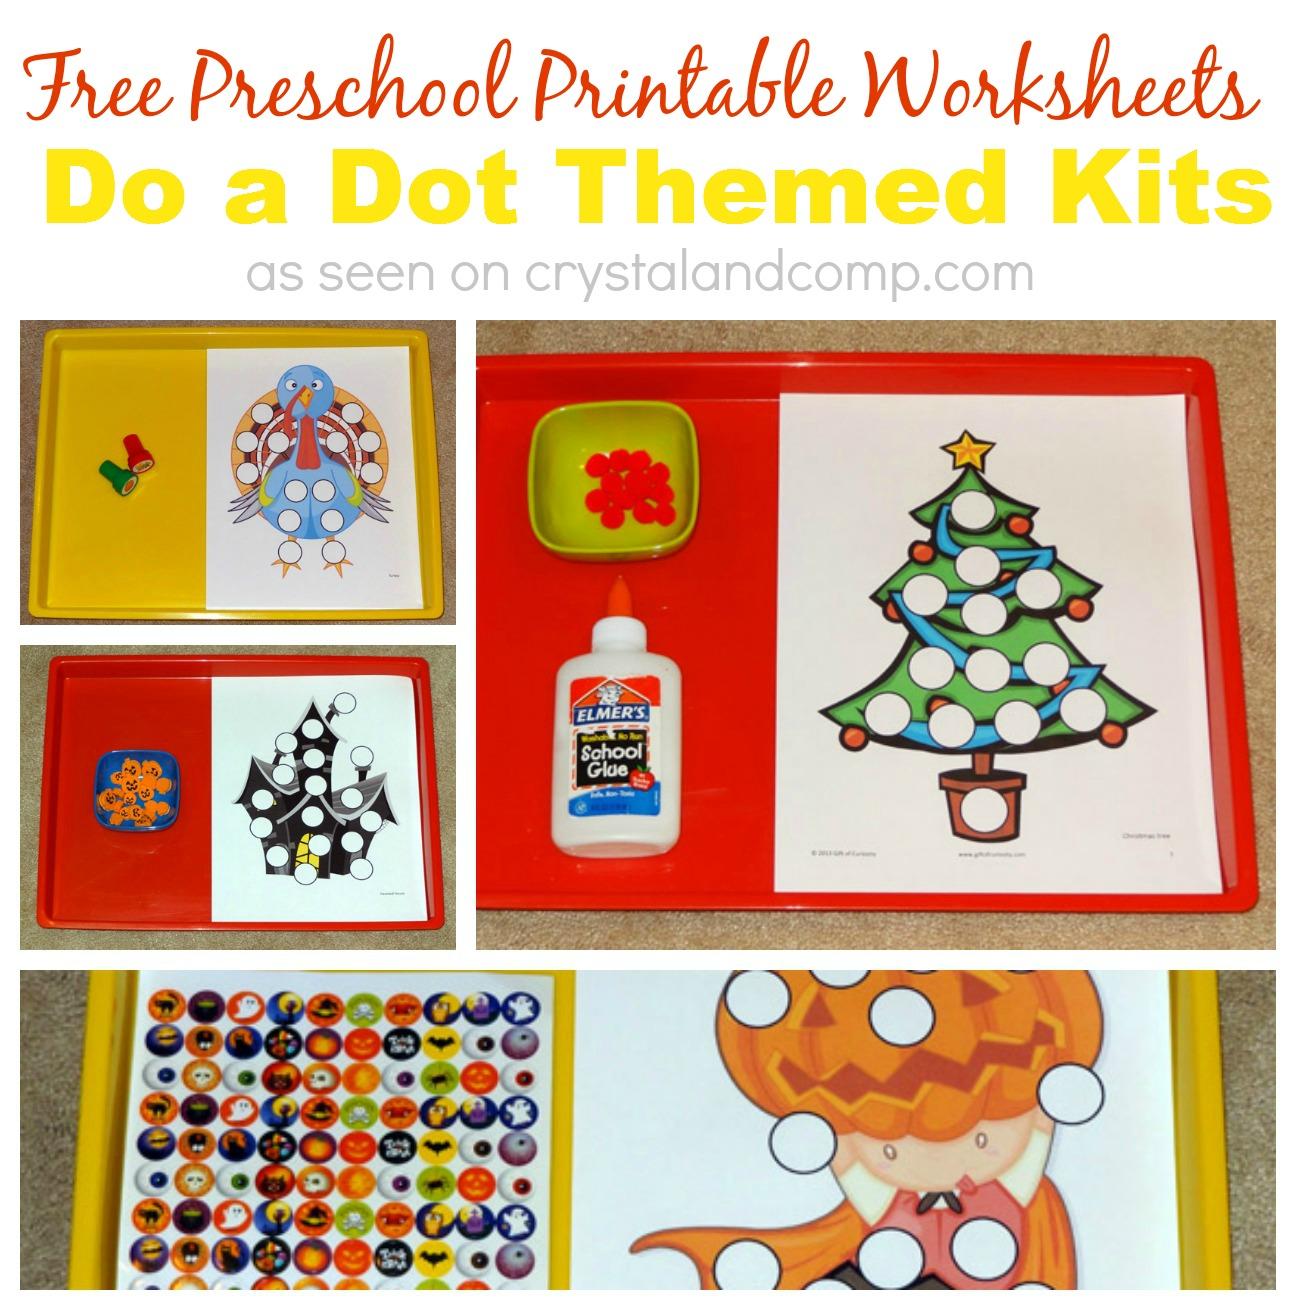 free preschool printable worksheets - Free Preschool Printable